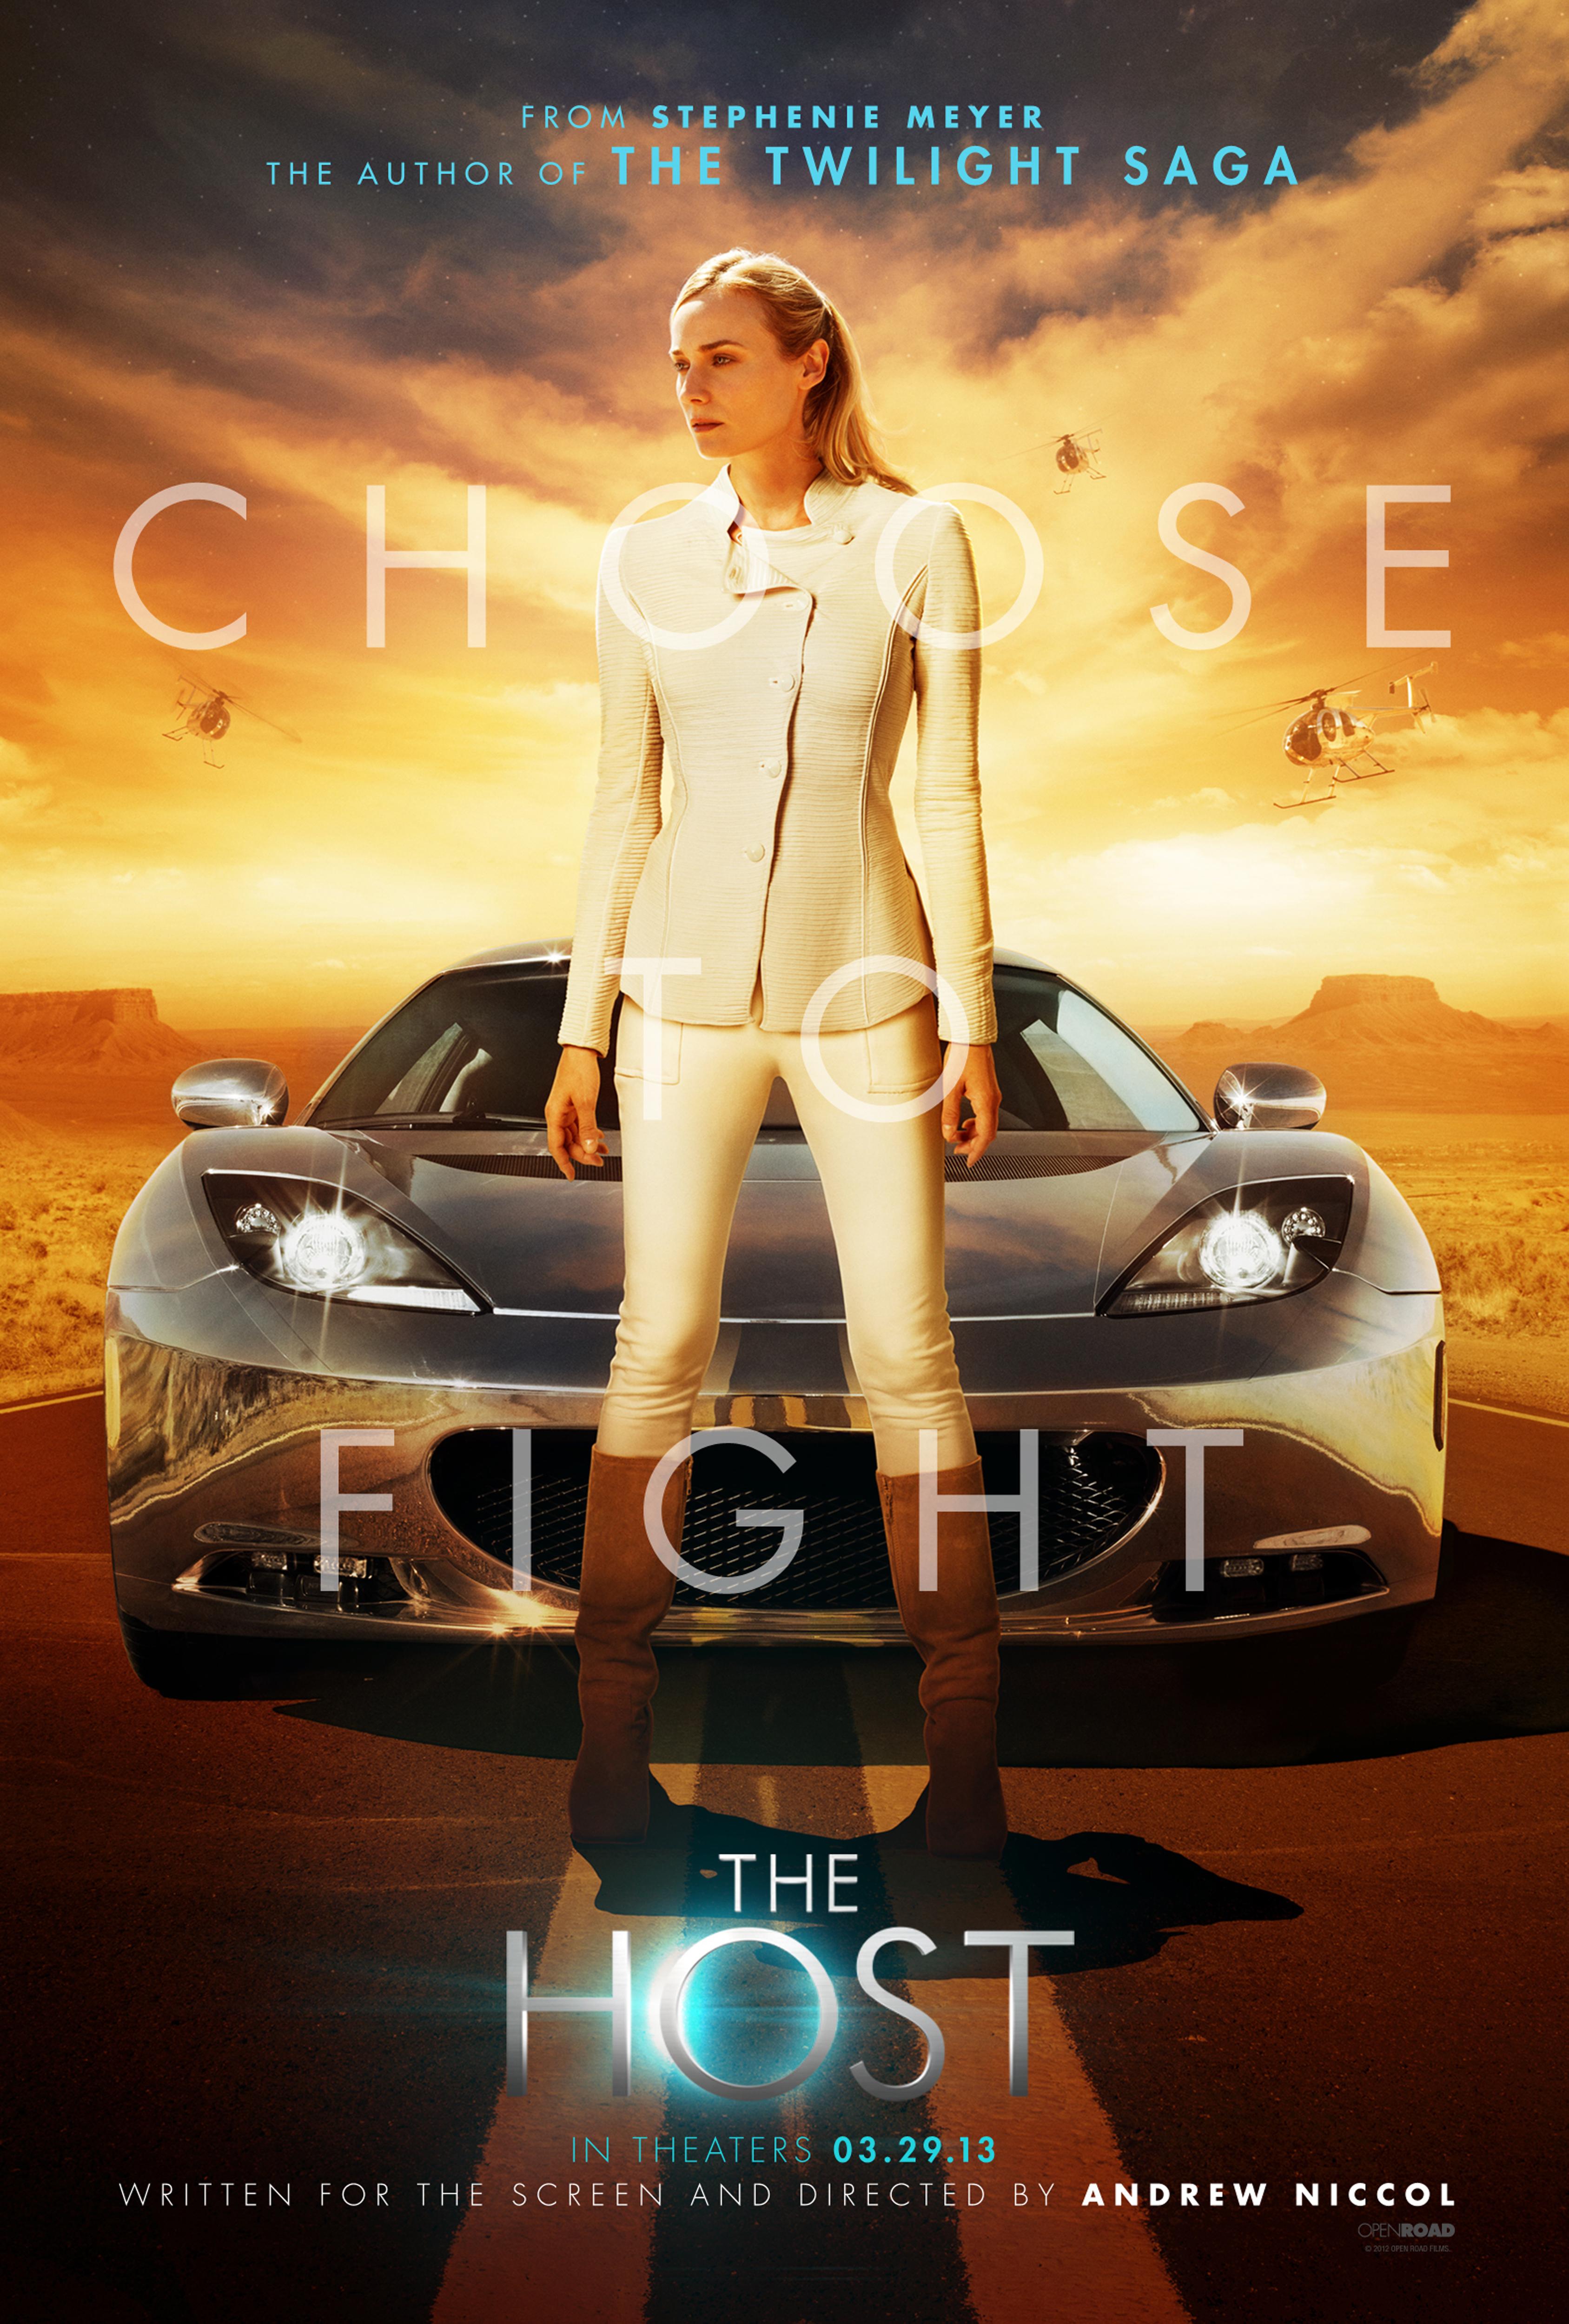 The Host - Movie Poster #2 (Original)